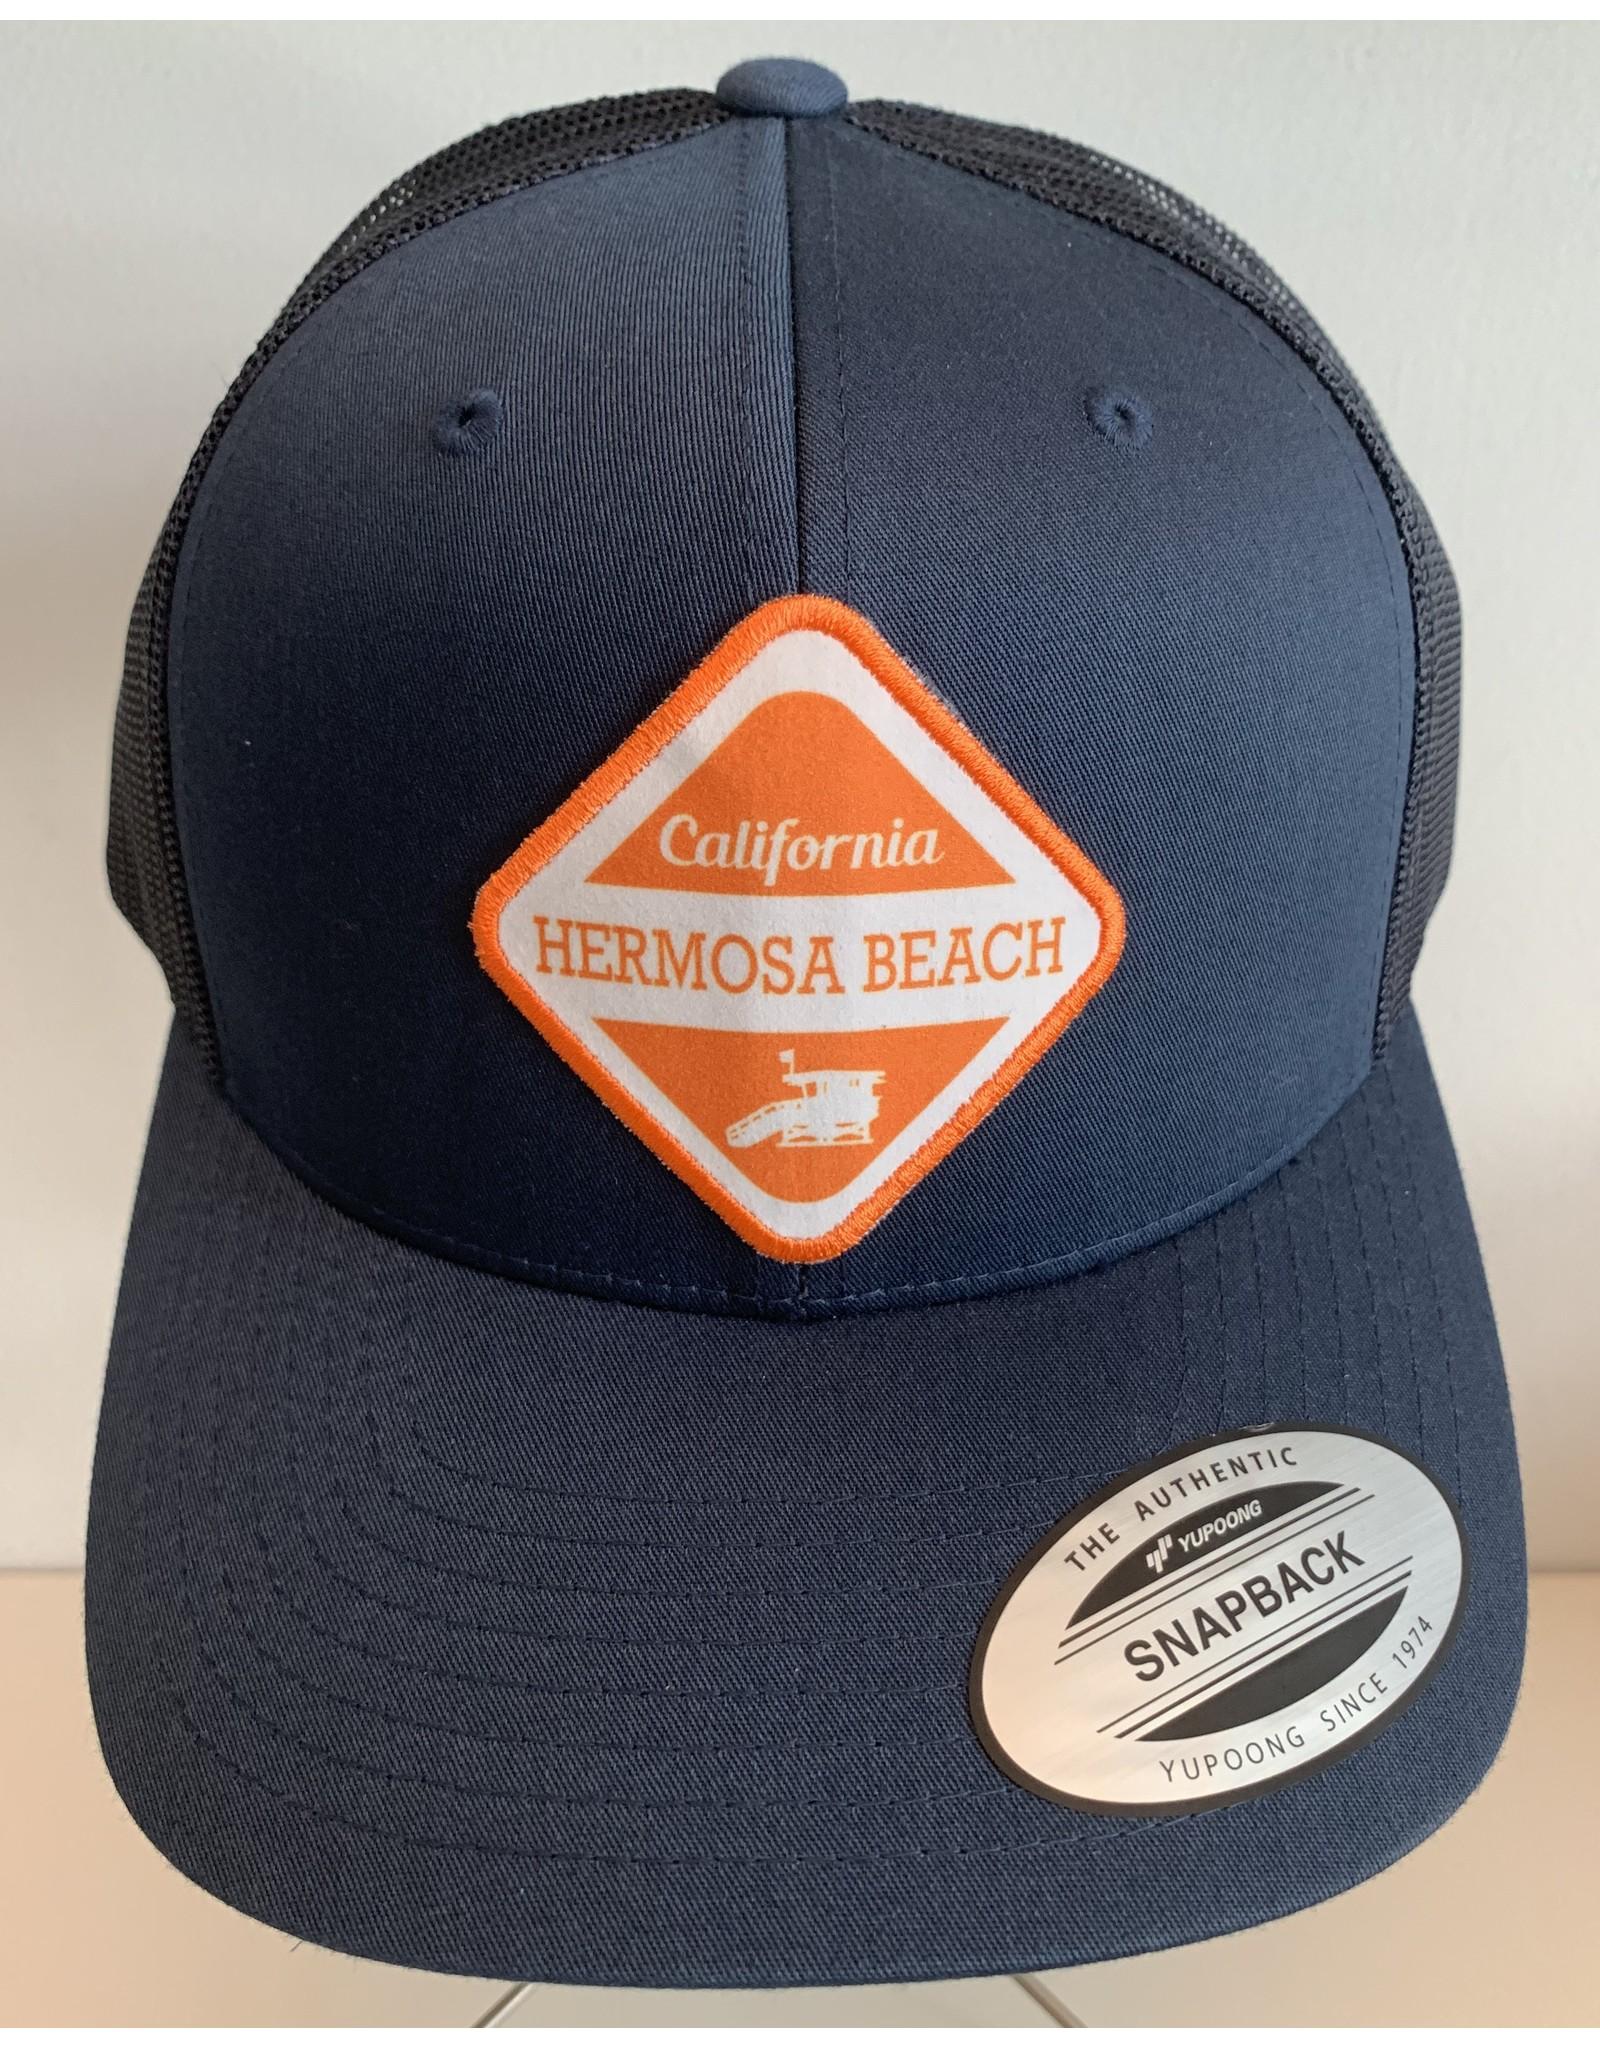 Details Hb Lifeguard Trucker